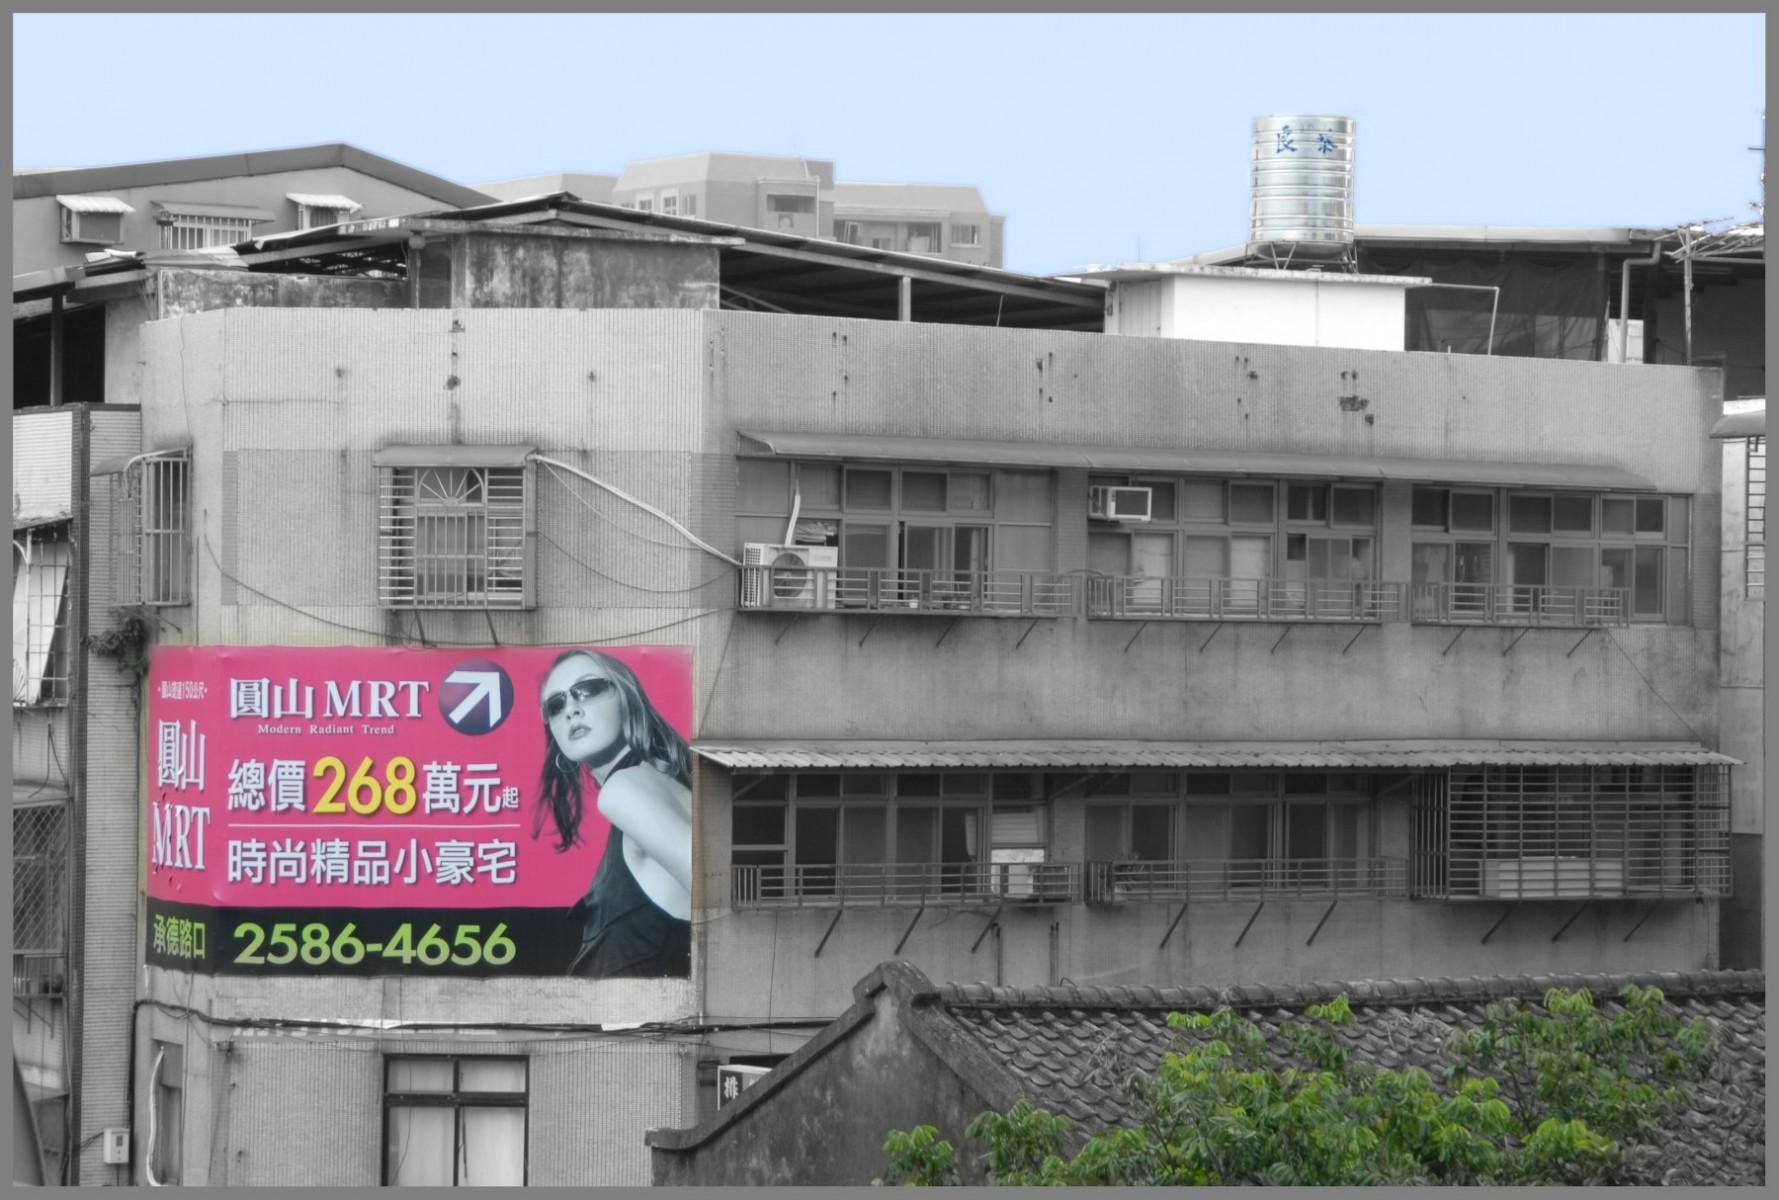 4461708 Taipei 1 0006